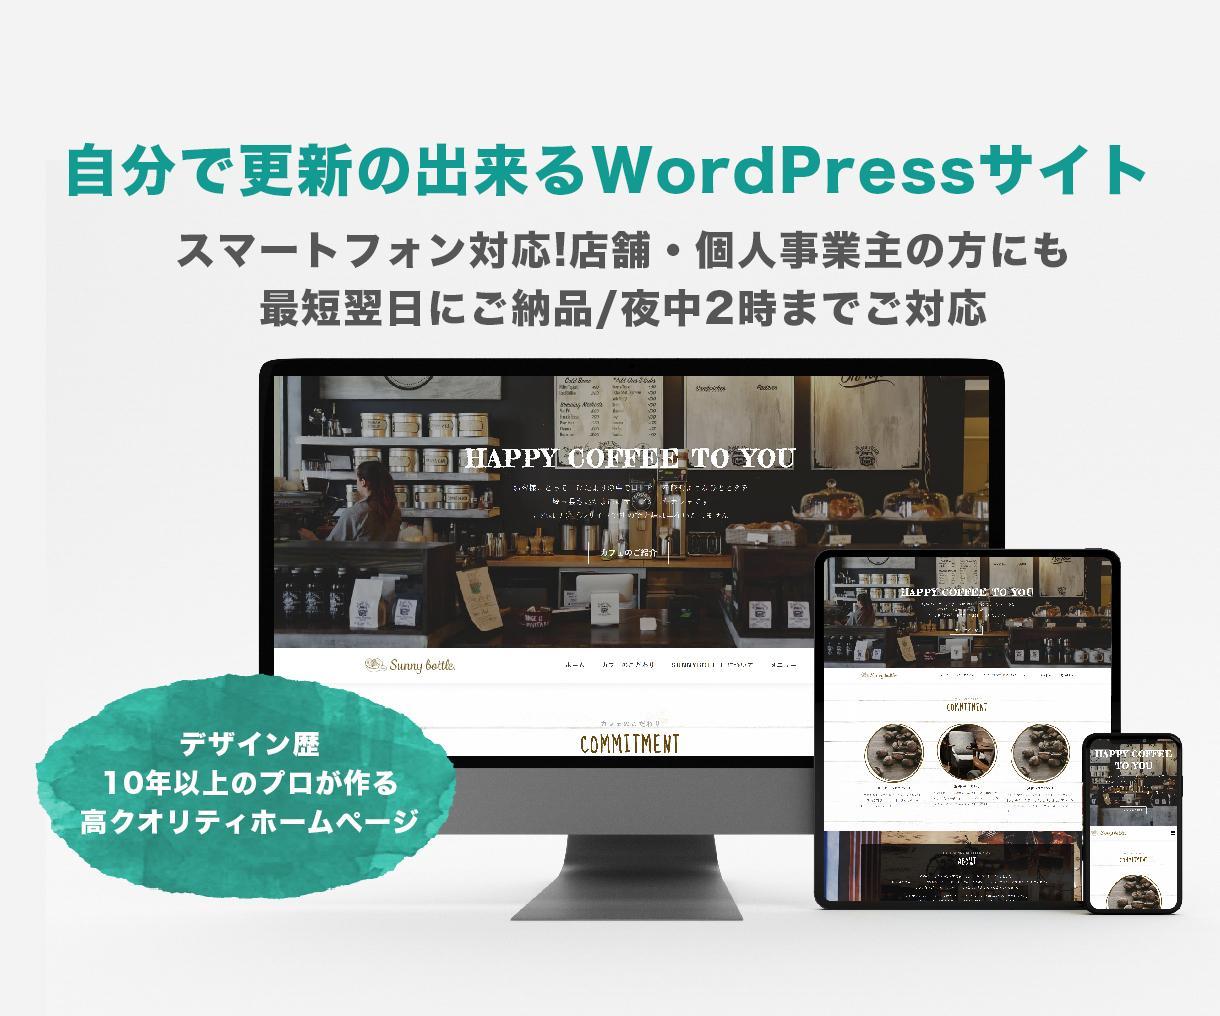 短納期・高クオリティでホームページを作成します WordPressを使用し現役のプロデザイナーが作成 イメージ1